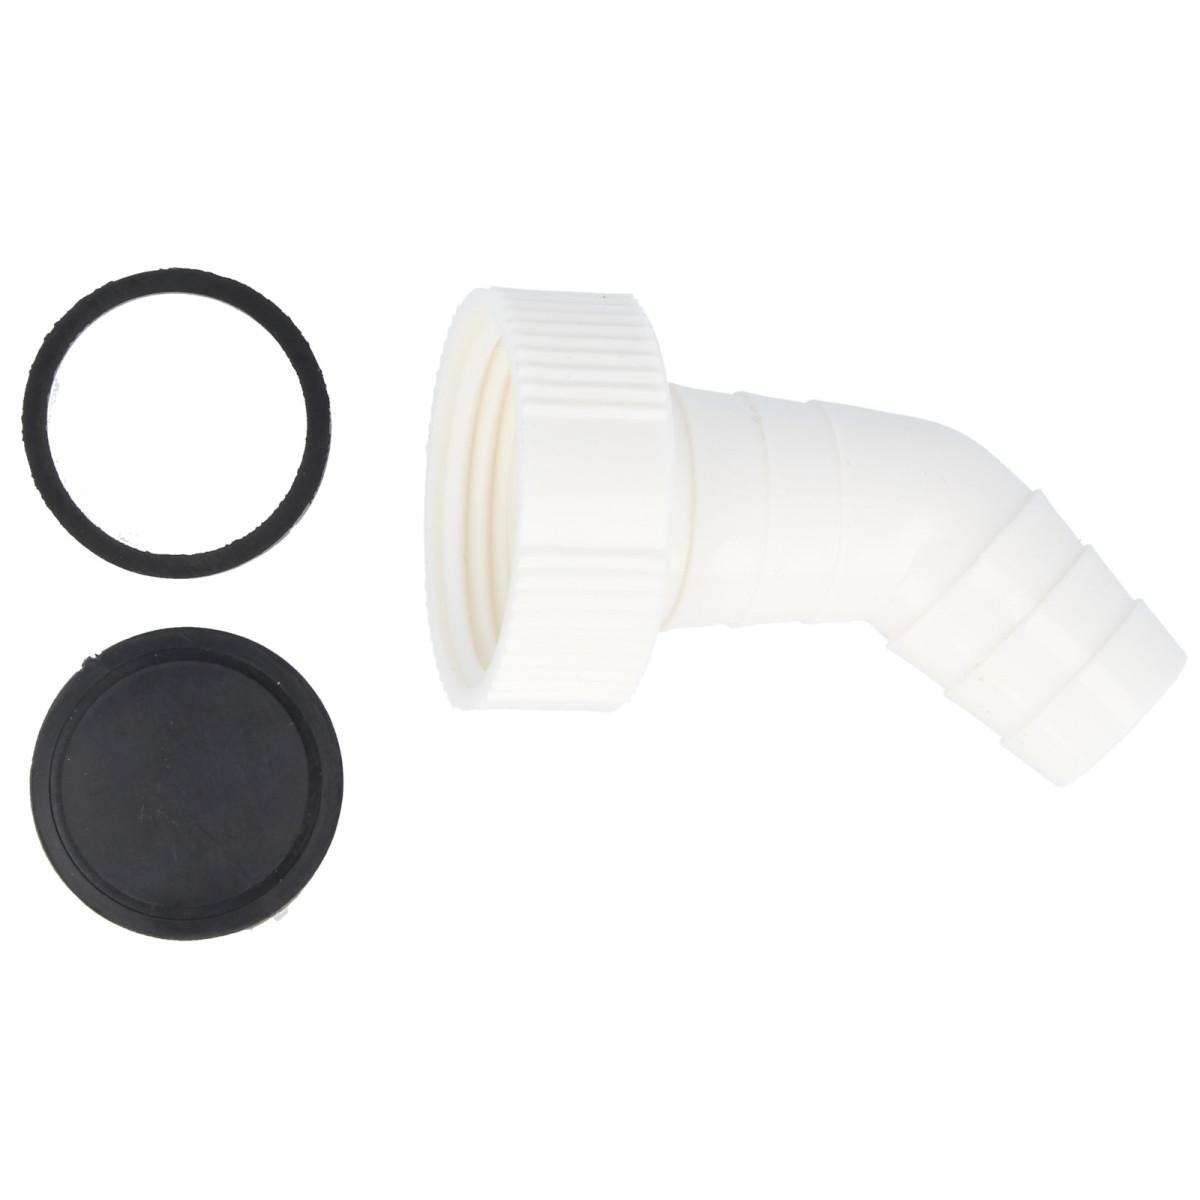 tecuro 166° Geräteanschlusstülle 16 Zoll für Küchen-Spülensiphon